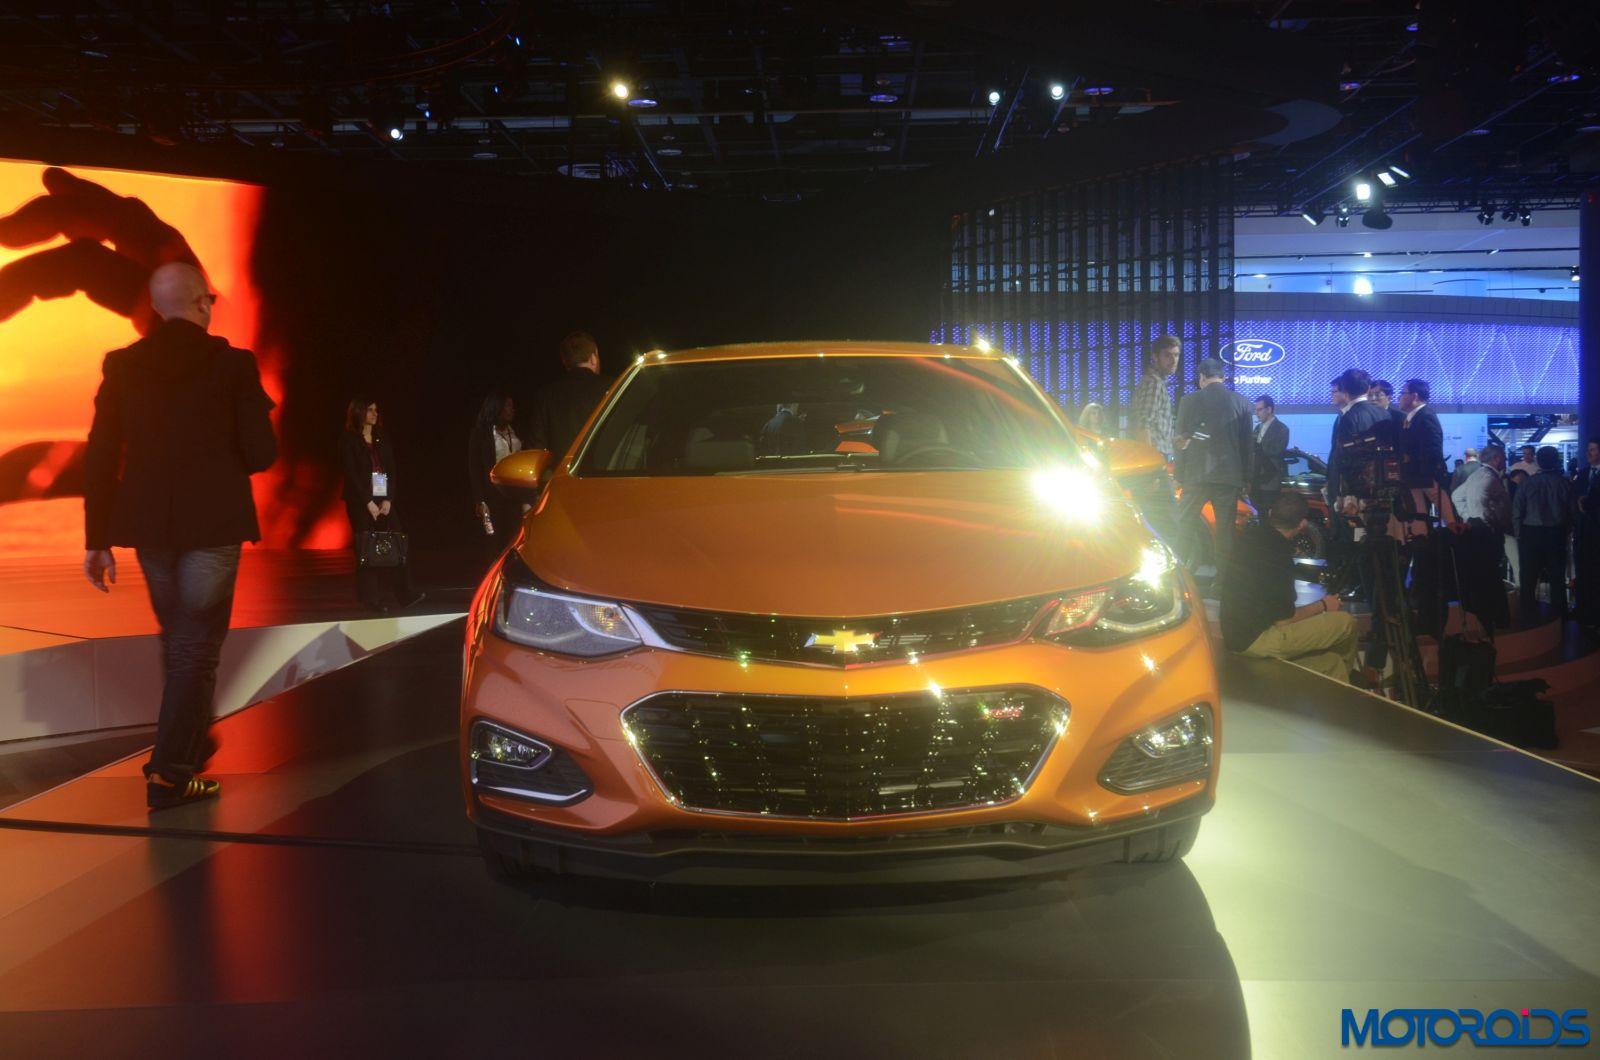 2017 Chevrolet Cruze Hatchback front profile